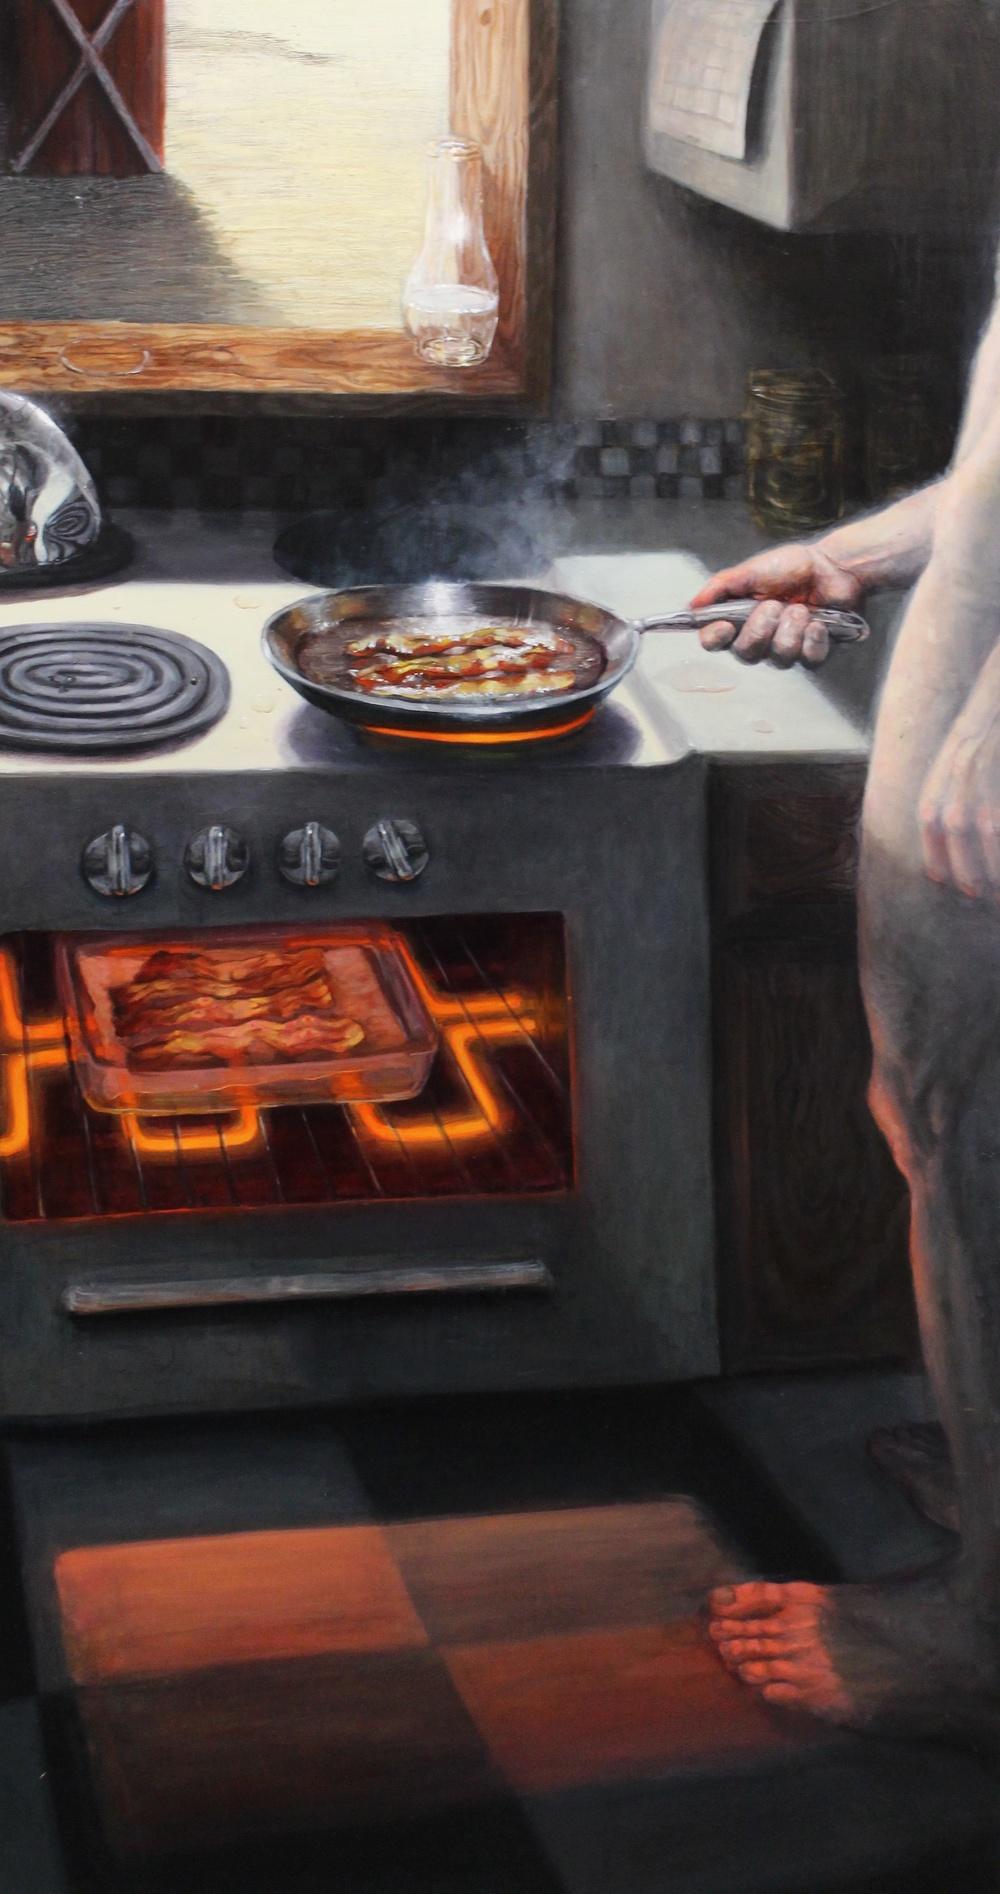 bacon eater.jpg